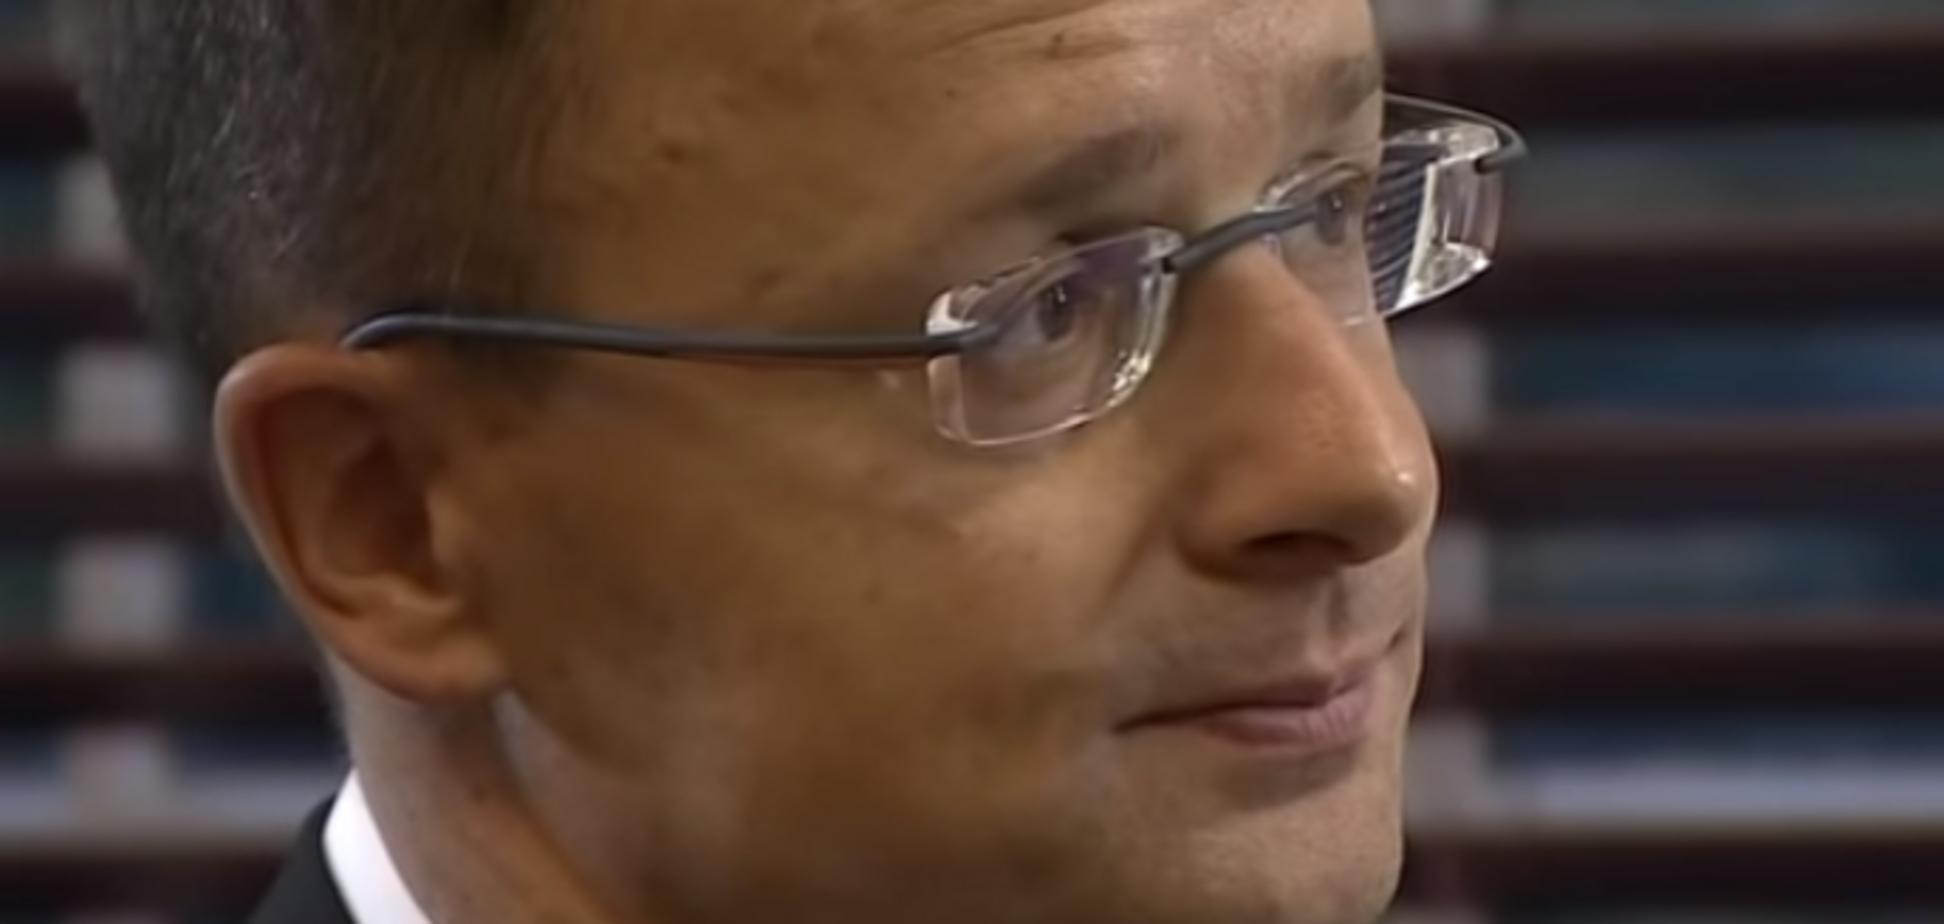 Глава МИД Венгрии ''пригрозил'' Украине НАТО: Киев уличил росТВ в фейке